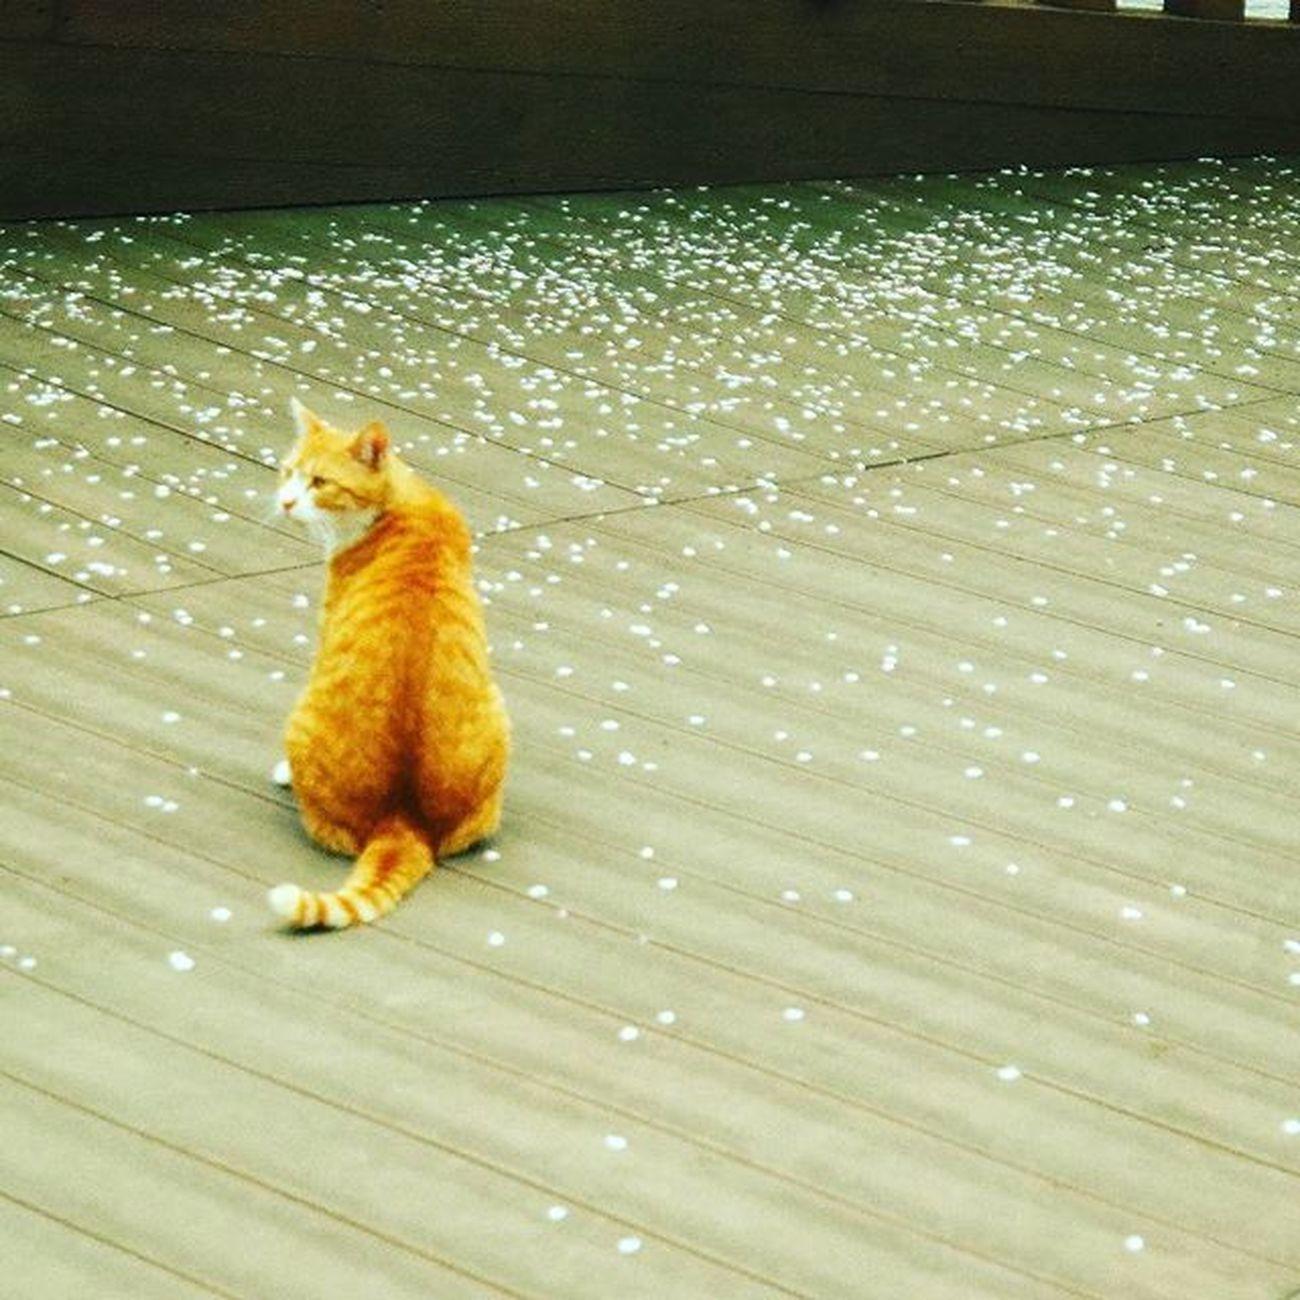 고양이 엉덩이 . . .Photography Photographer 부산 Busan Spring Flower 일상 데일리 감성 감성사진 사진 여행 일상공유 Sotong 미러리스카메라 Follow Followme Photo Travel Daily Southkorea